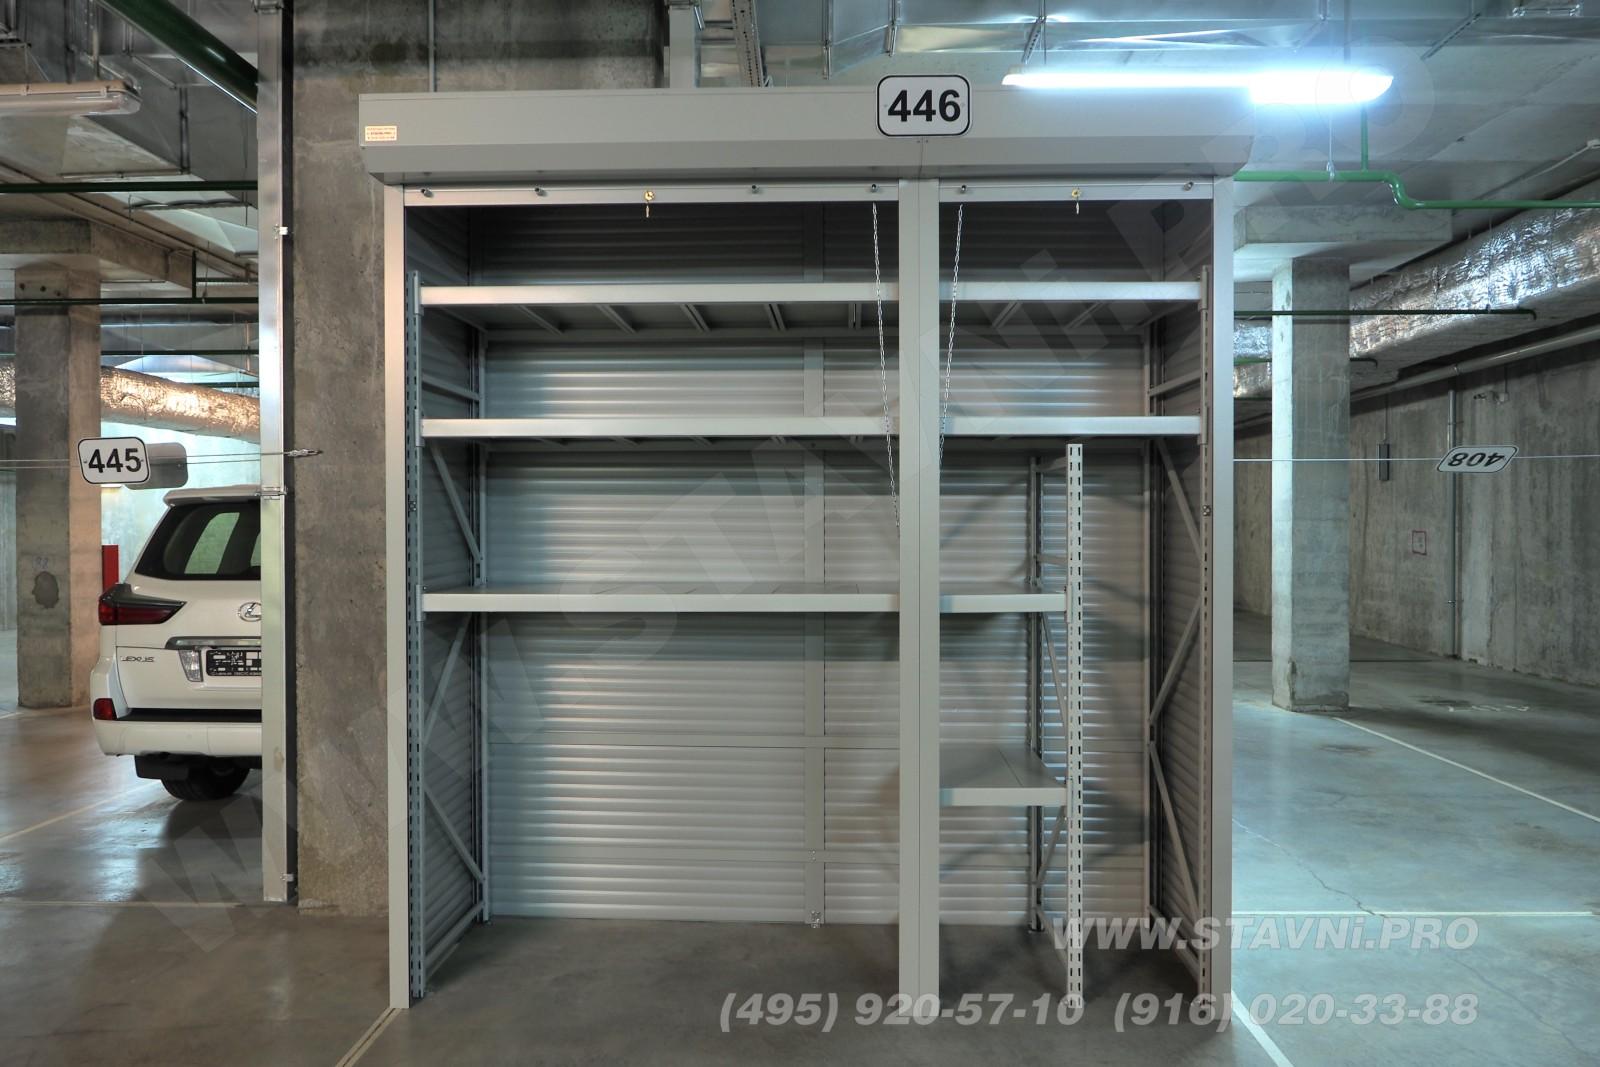 Эскиз - фронтальный вид на шкаф в общем зале парковки ЖК Скайфорт